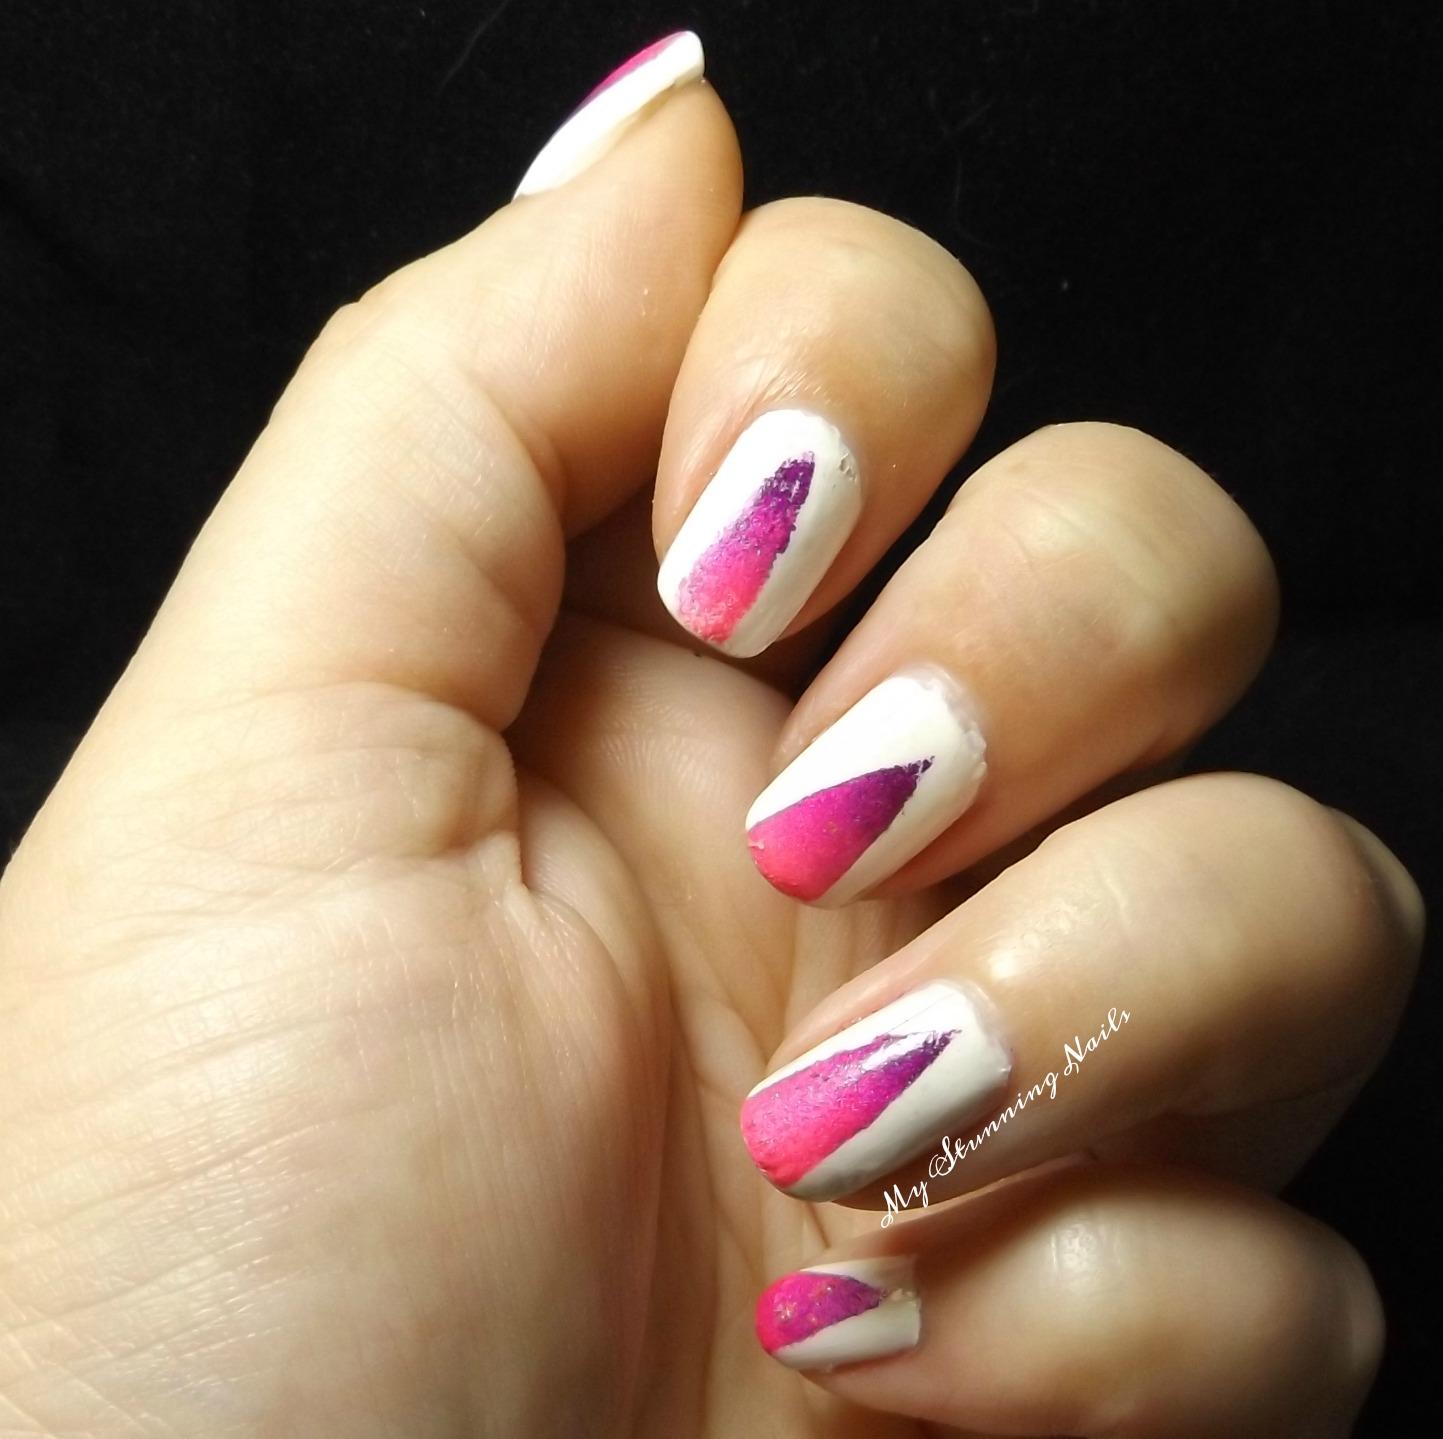 Nail Art - V-Shaped Gradient - My Stunning Nails